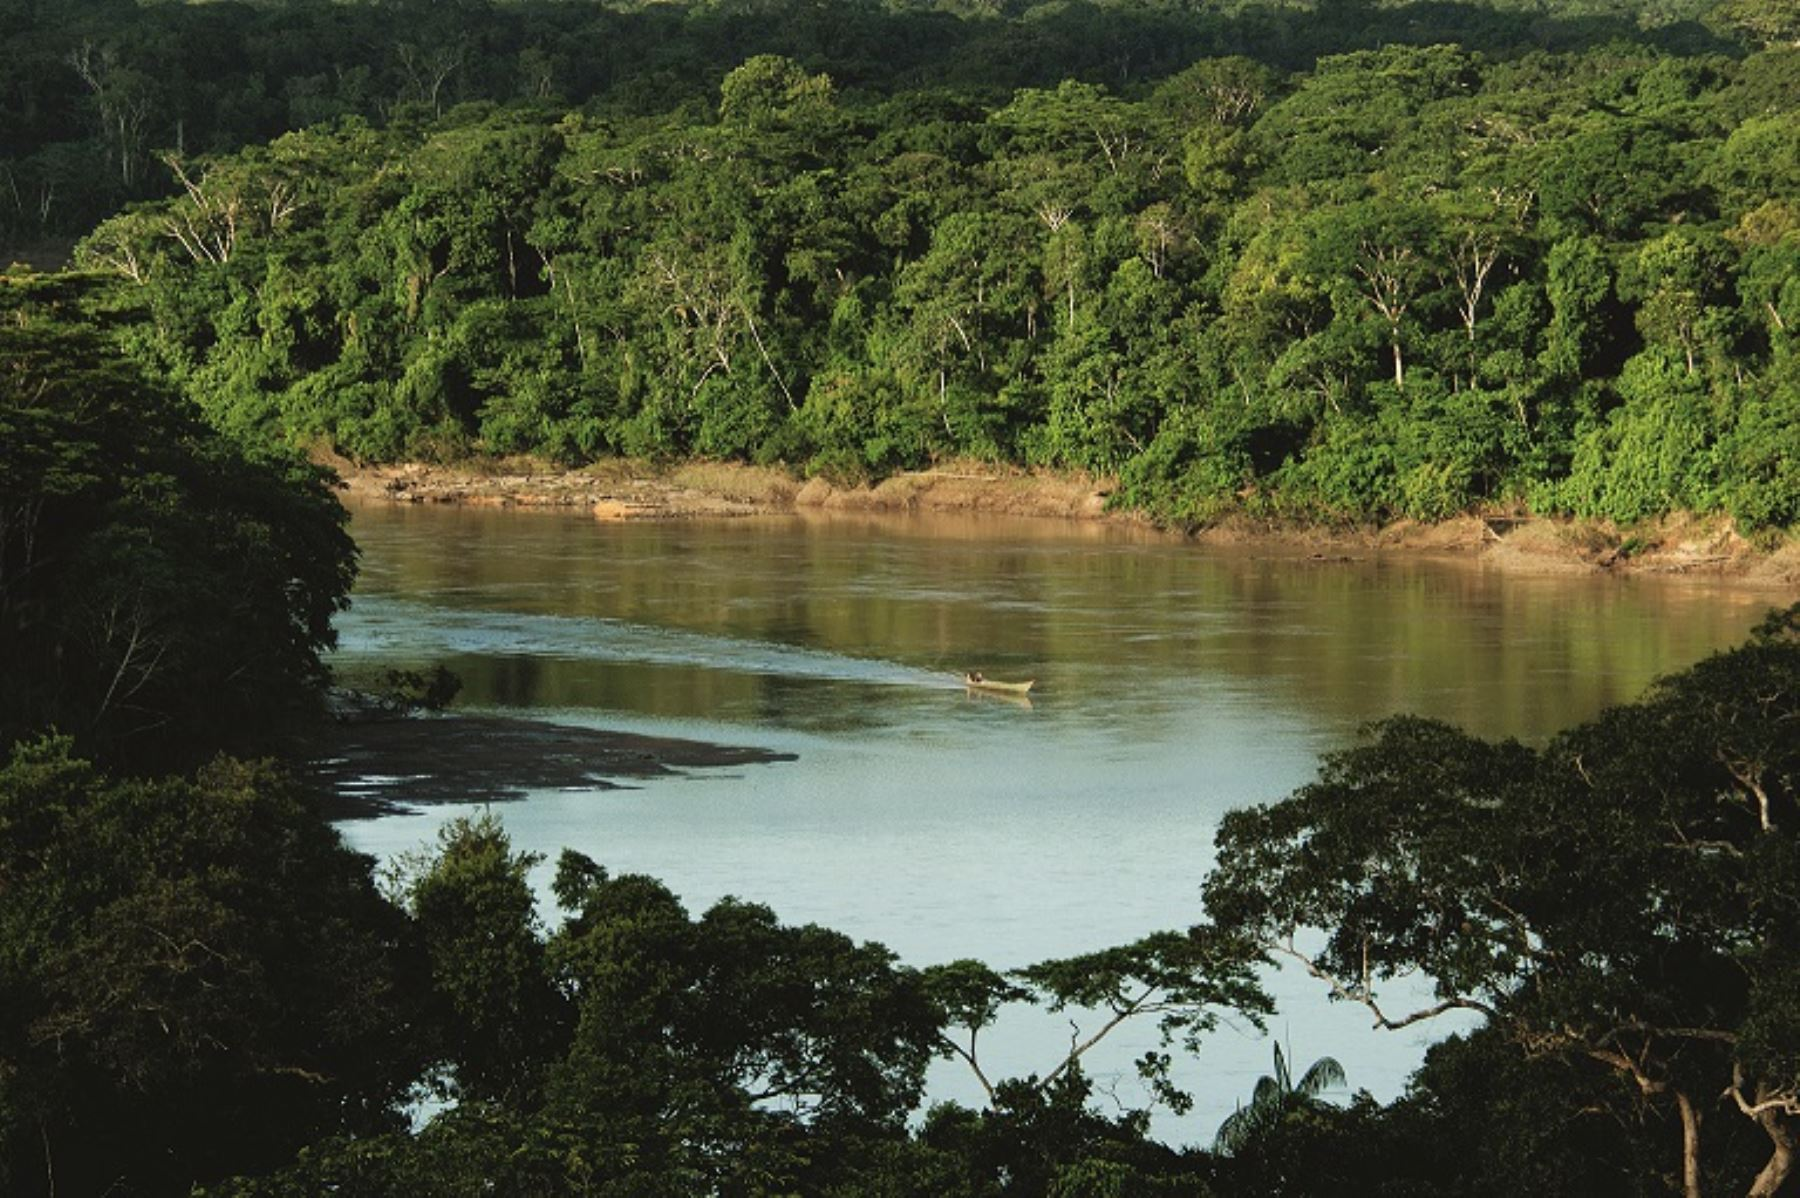 Mejoran servicios turísticos de Reserva Tambopata para diversificar oferta turística